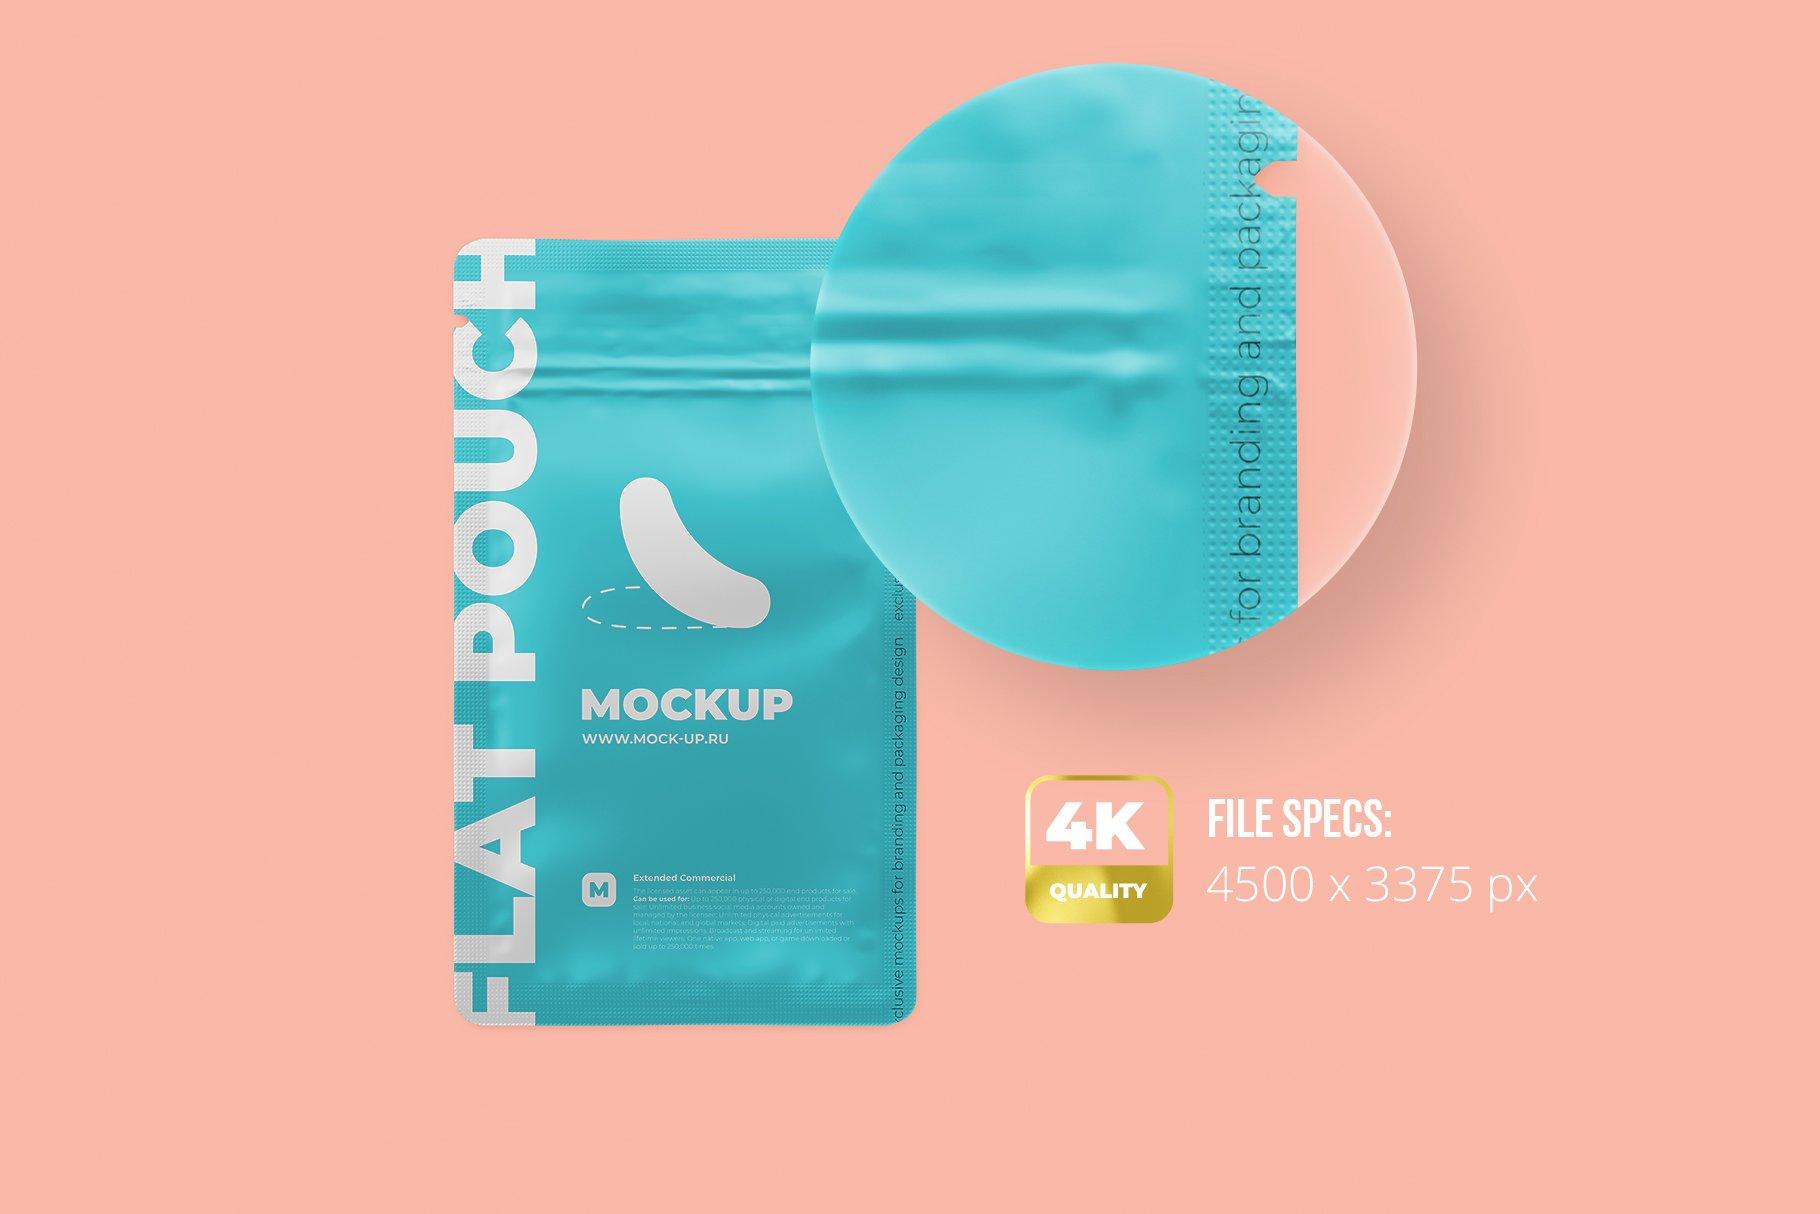 简洁香料自封塑料袋设计展示贴图样机 Zip Sachet Mockup. Flat Empty Pouch插图1